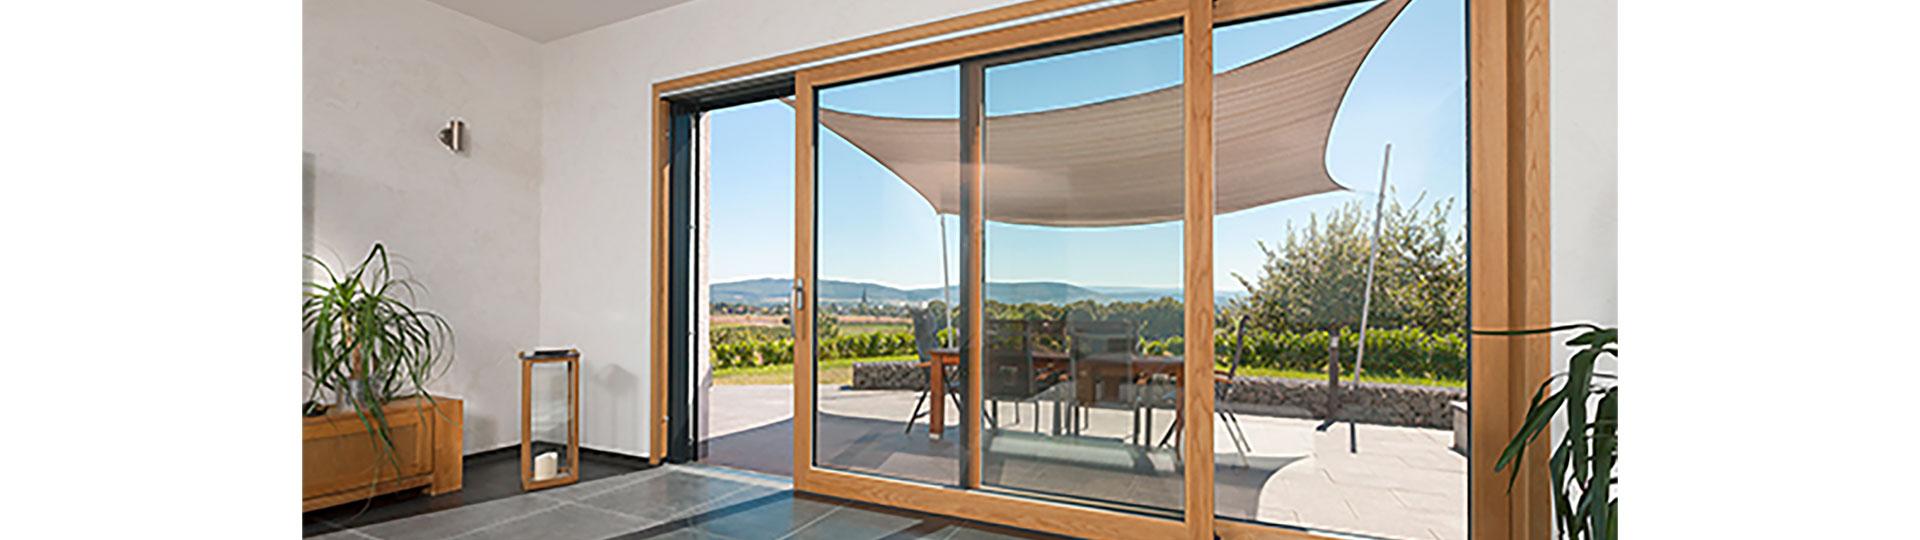 Holz Alu Fenster Headerbild